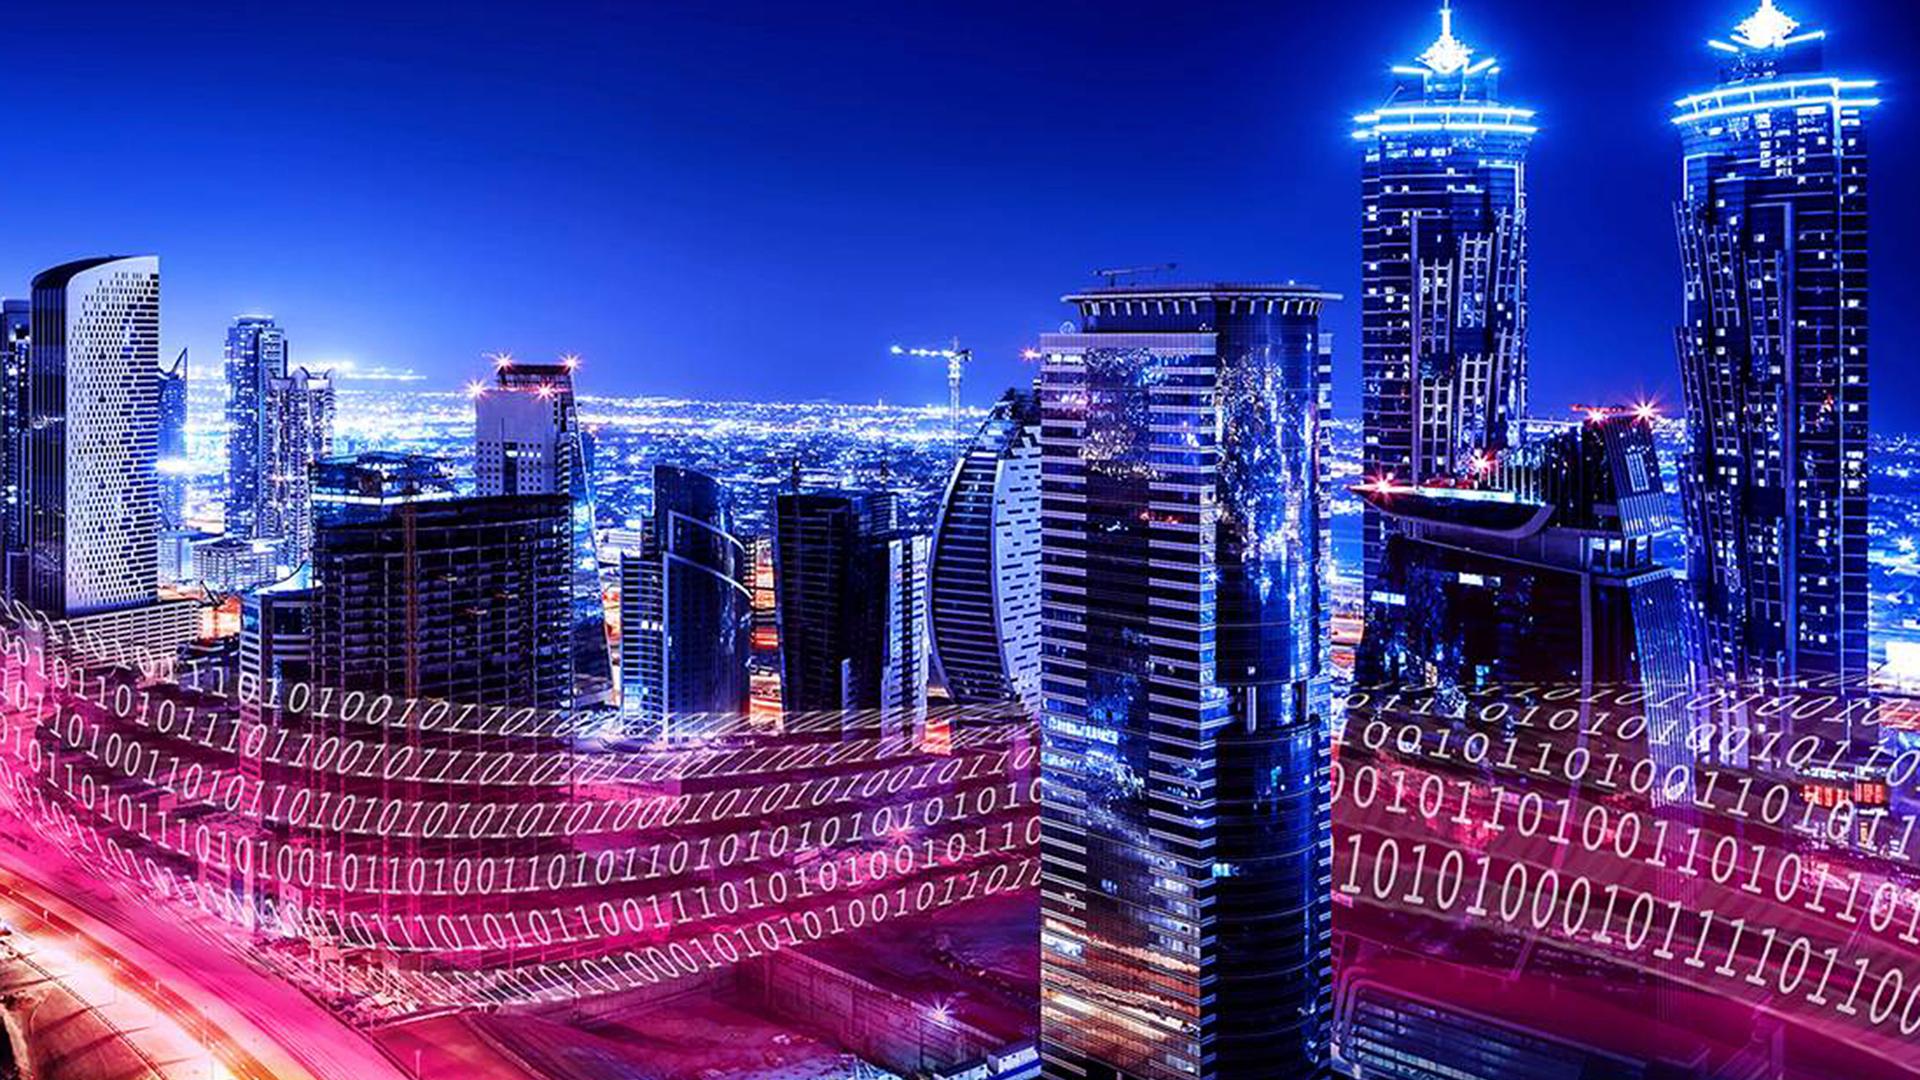 умные города картинки авторы